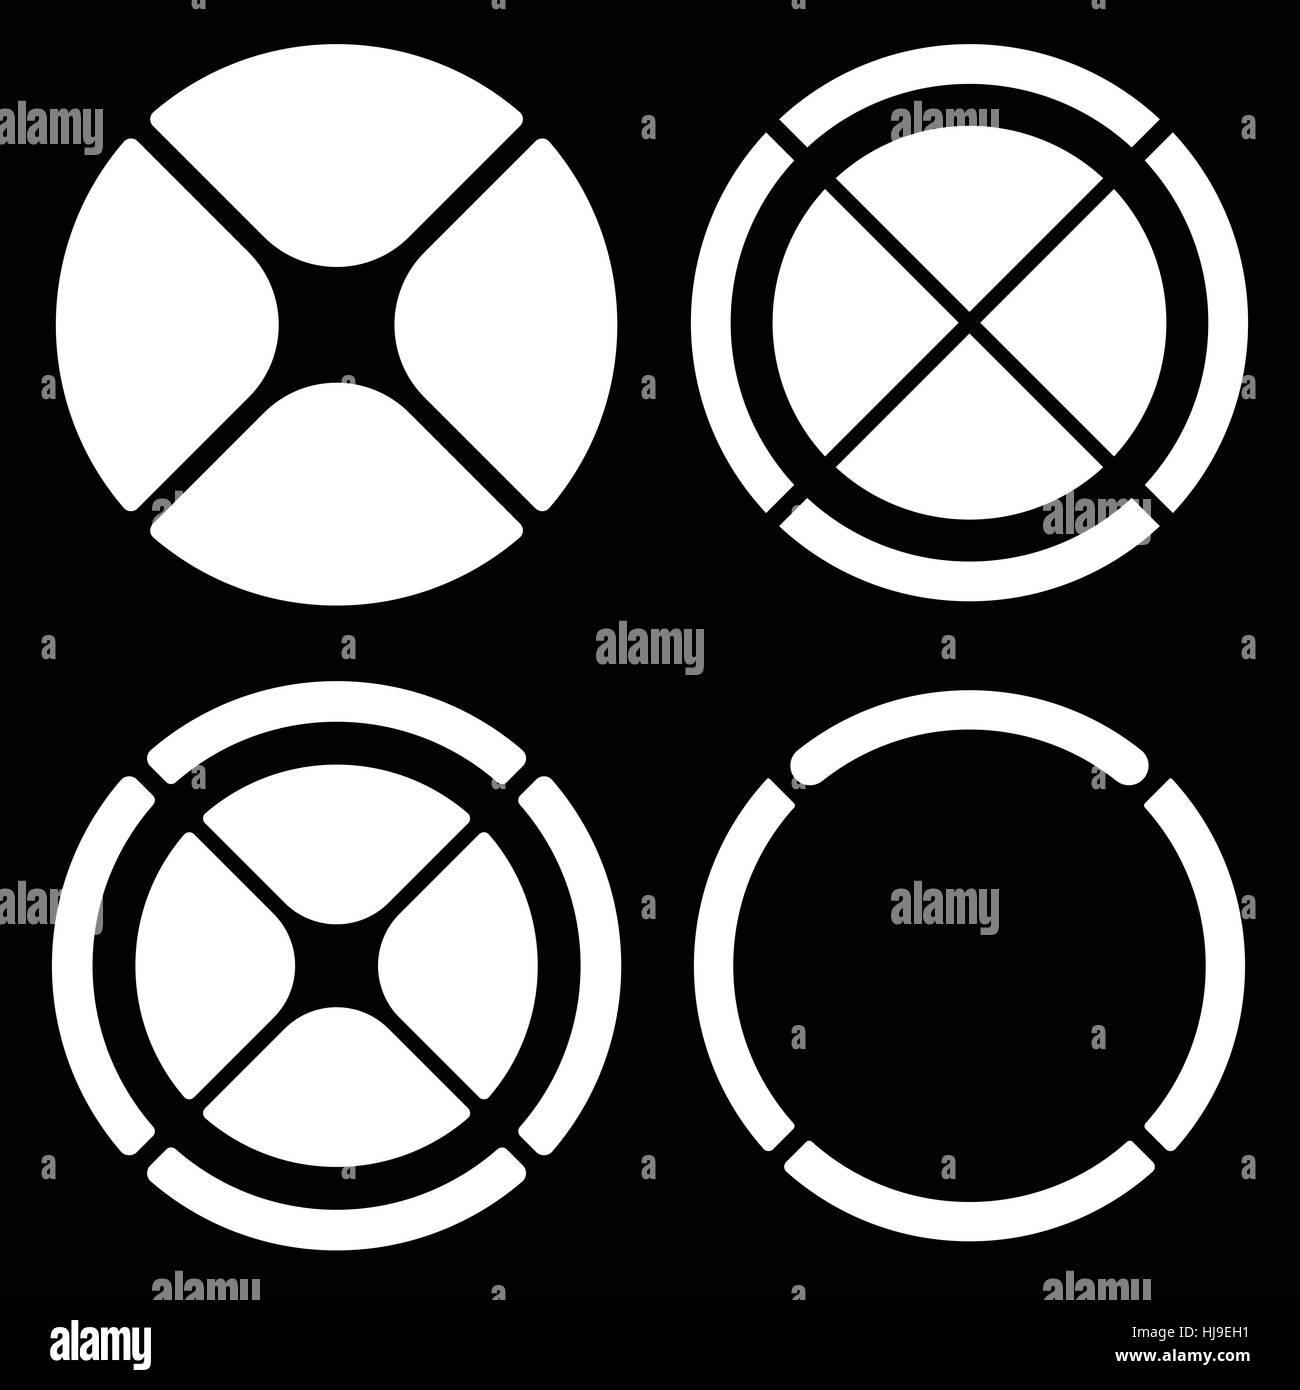 Circle shape target targetmark symbol crosshair cross stock circle shape target targetmark symbol crosshair cross cross hair set segmented line radial minimal icon circular motif design element buycottarizona Image collections